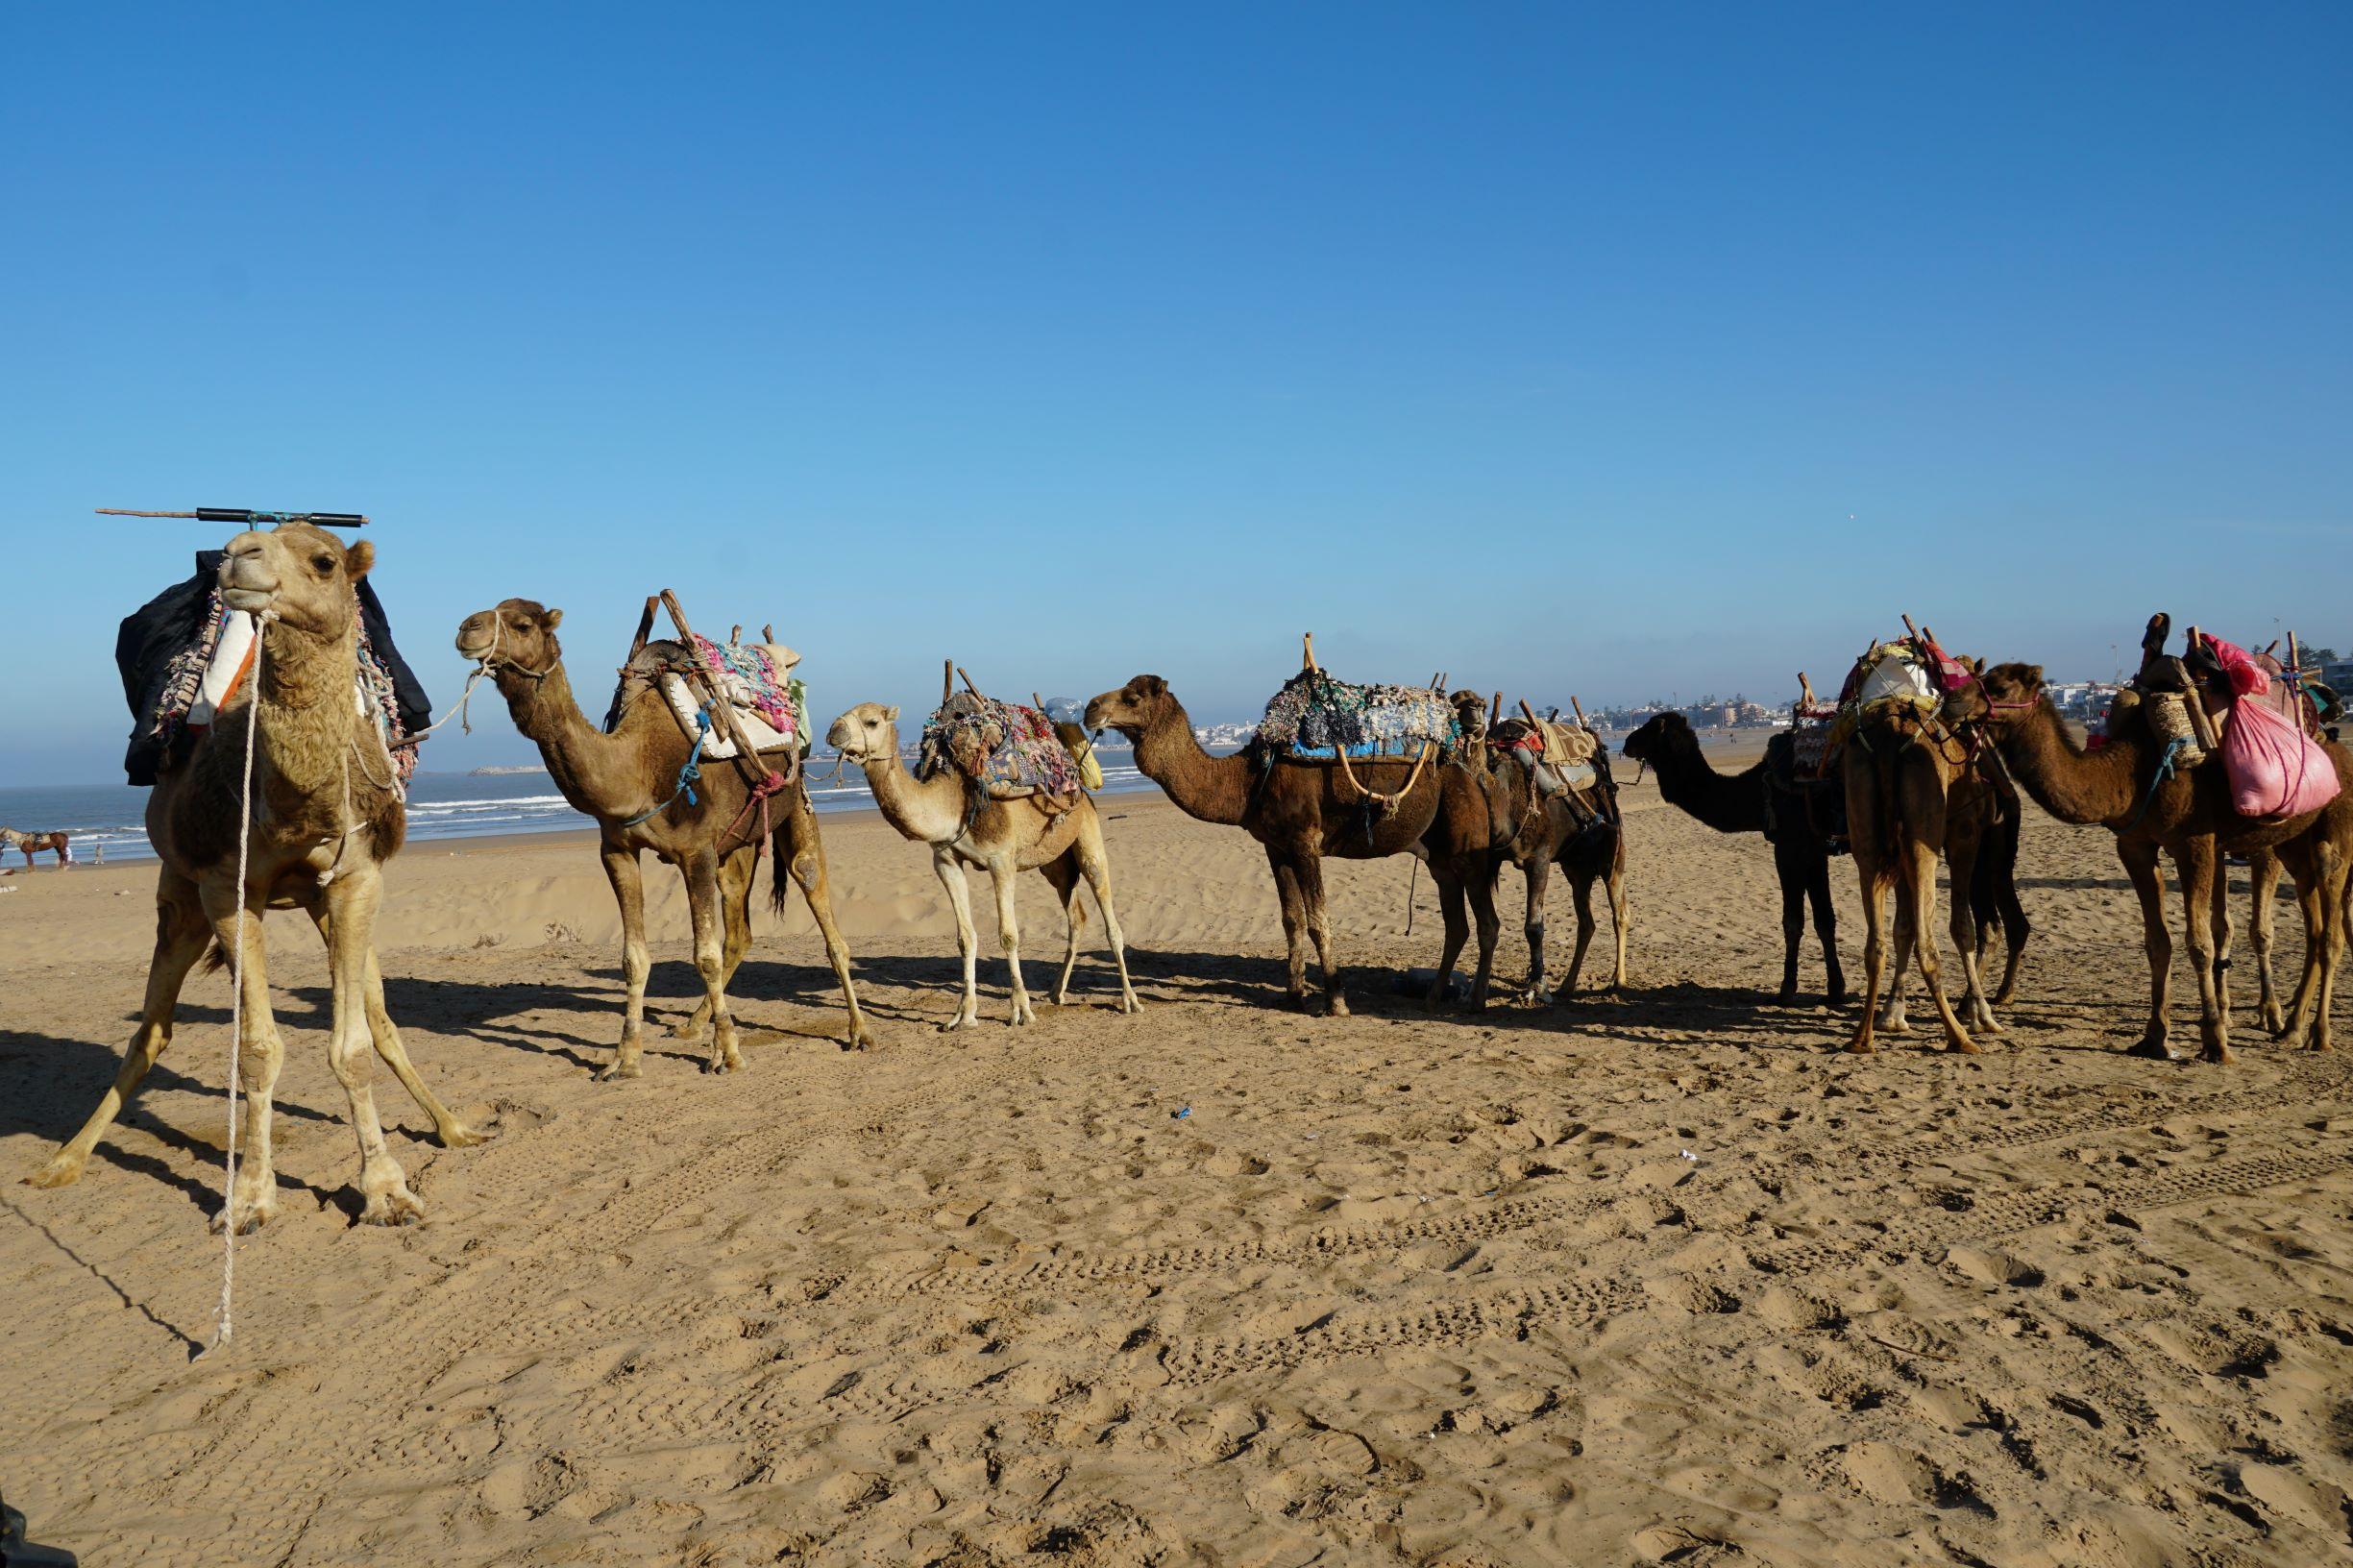 沙漠沙灘上的駱駝